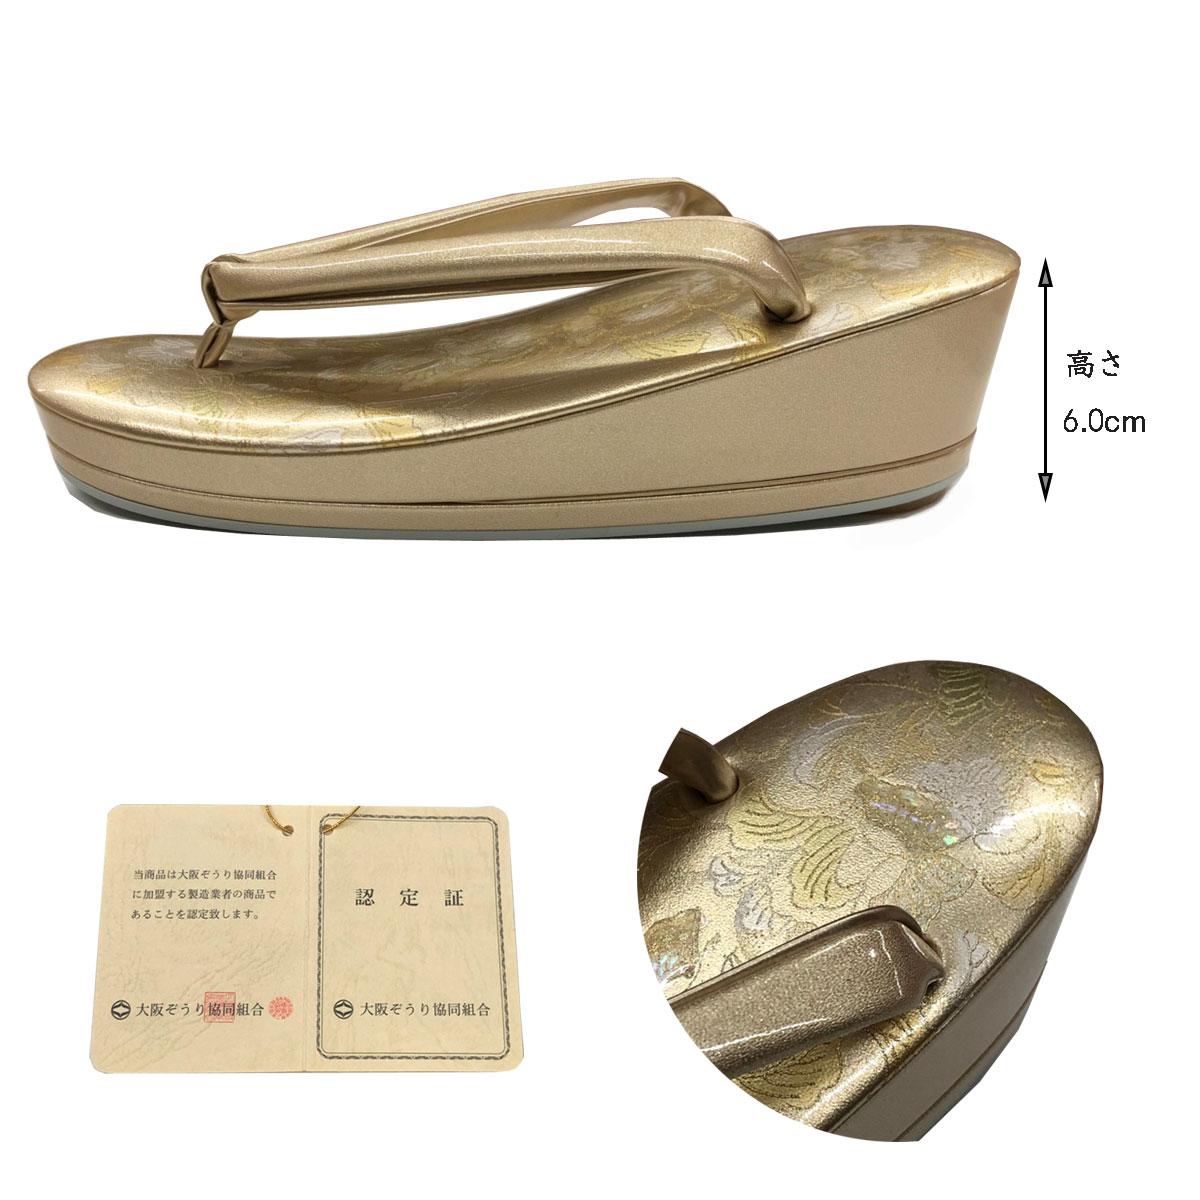 【ラデン草履】 【大阪ぞうり】 日本製 螺鈿 【Lサイズ】番号d930-502